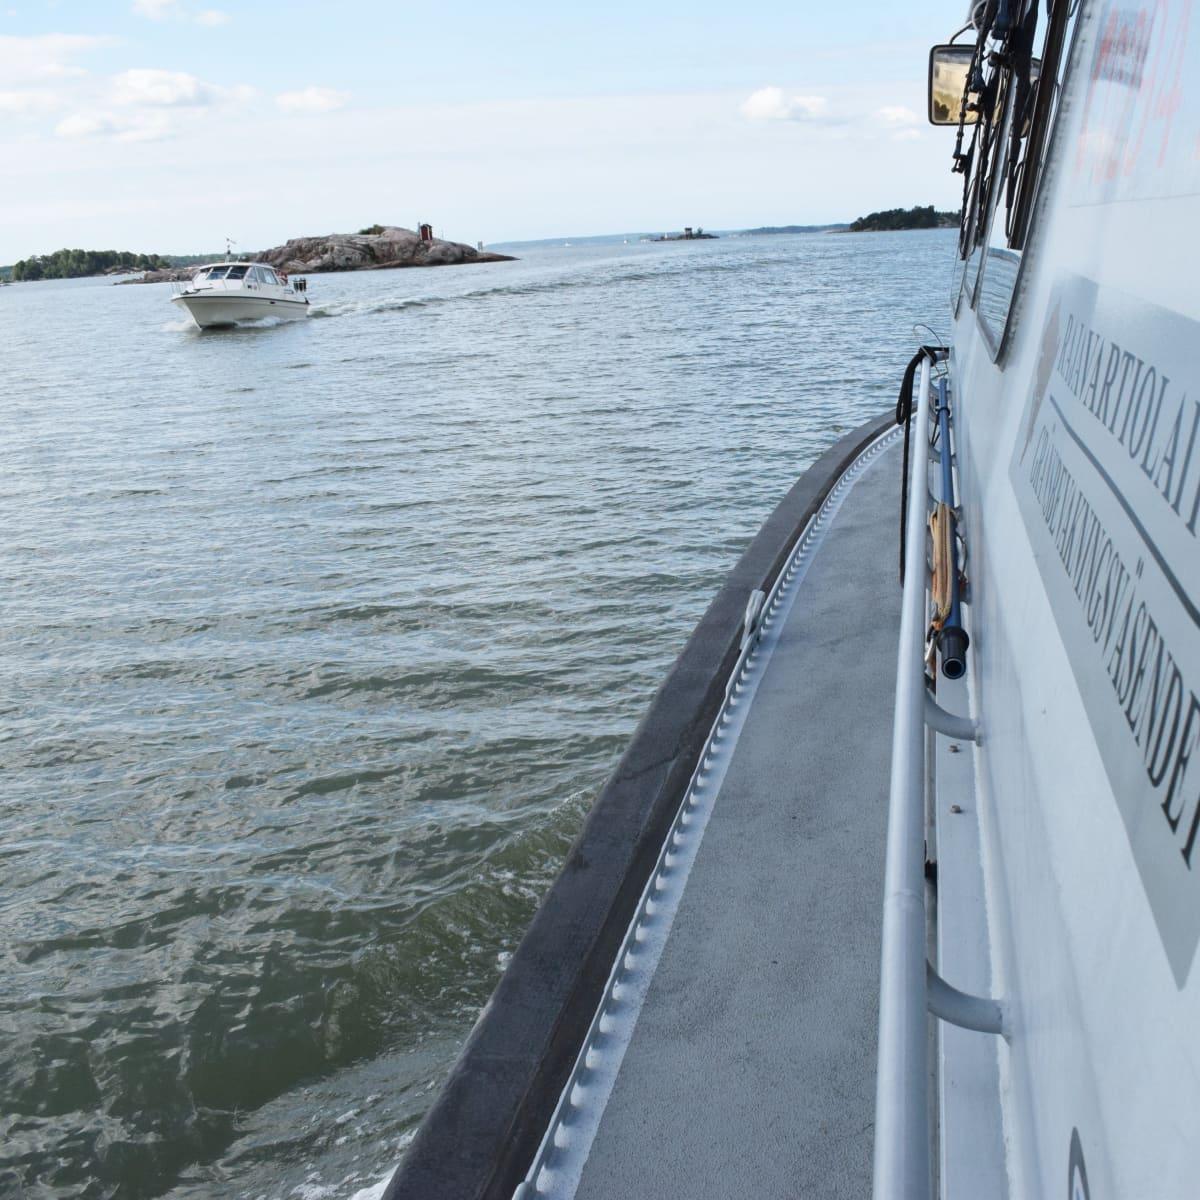 Moottorivene Turun lähivesillä.